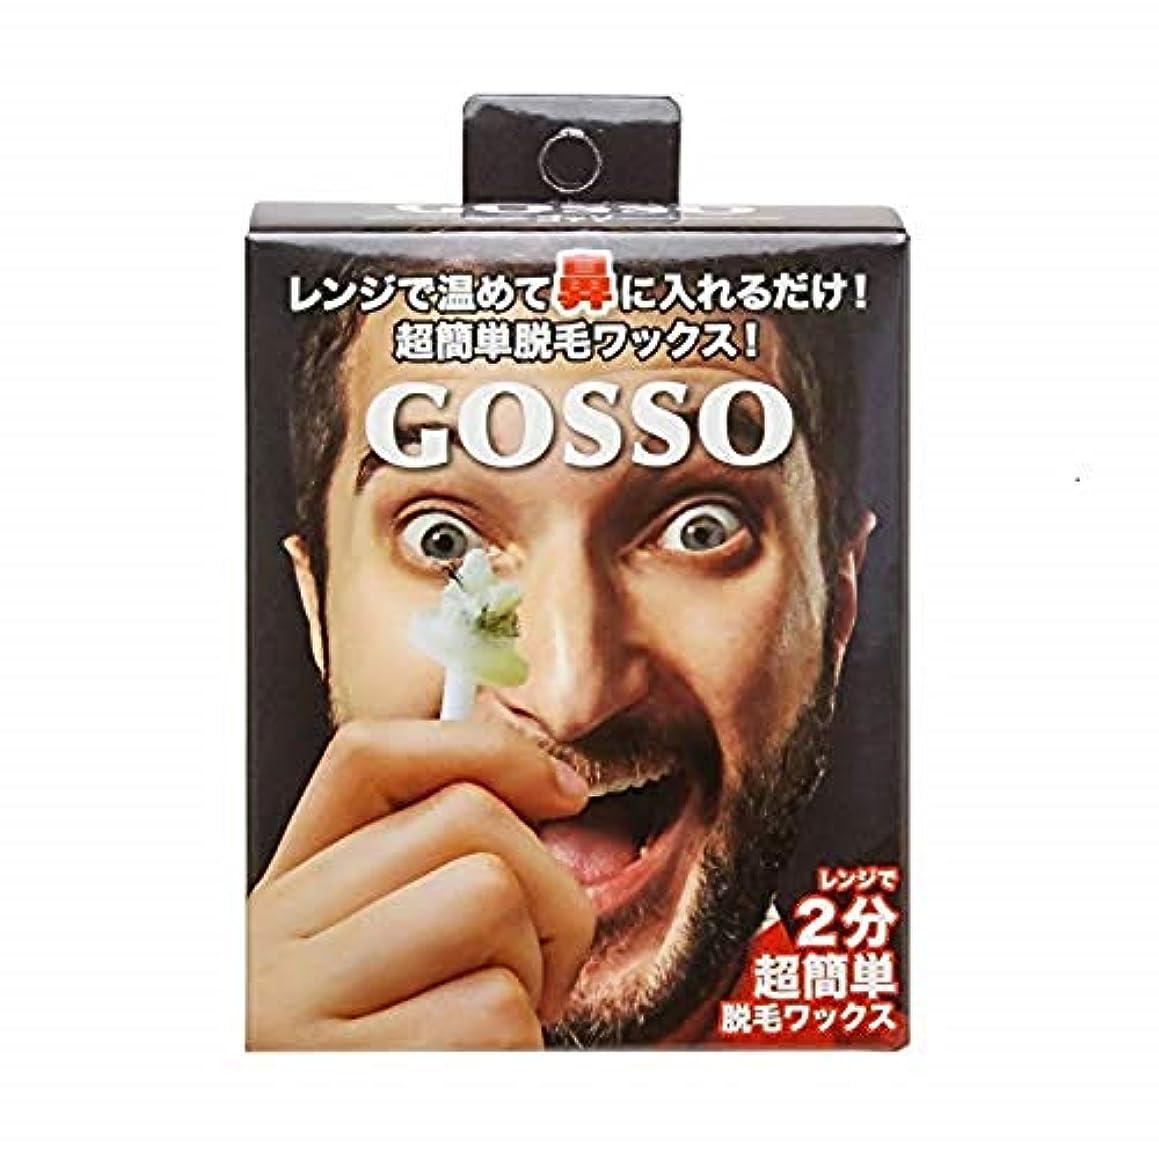 呪われた安息会話GOSSO ゴッソ (ブラジリアンワックス鼻毛脱毛セット) (セット, 1個)